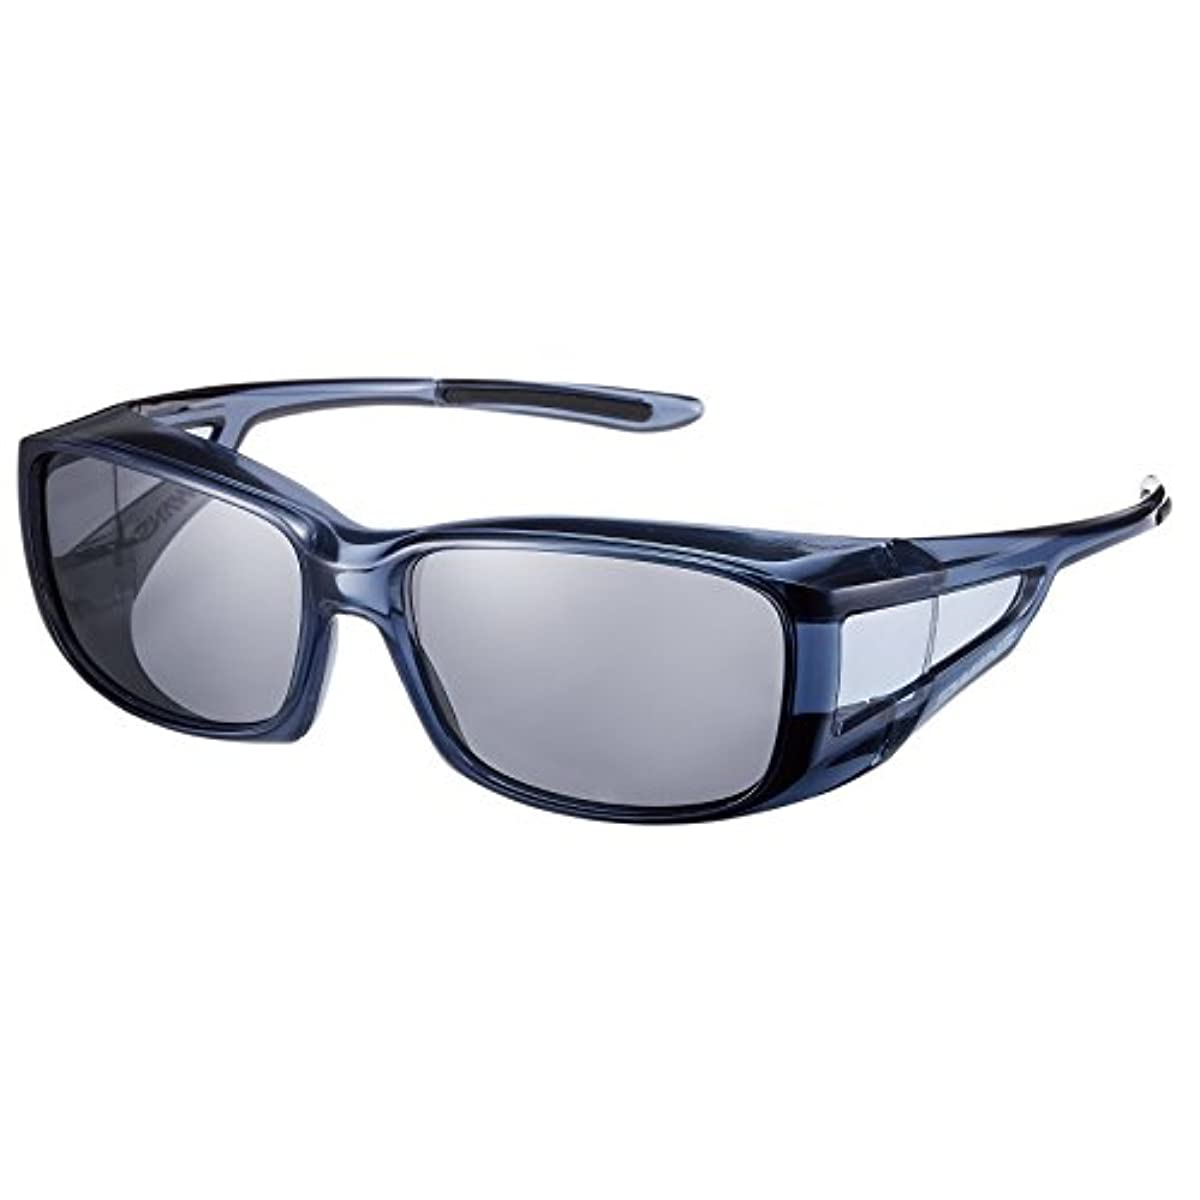 [해외] SWANS스완스 편광 썬글라스 안경의 위로부터 건걸친 over글래스 OG4-0051 SCLA 스모크 클리어